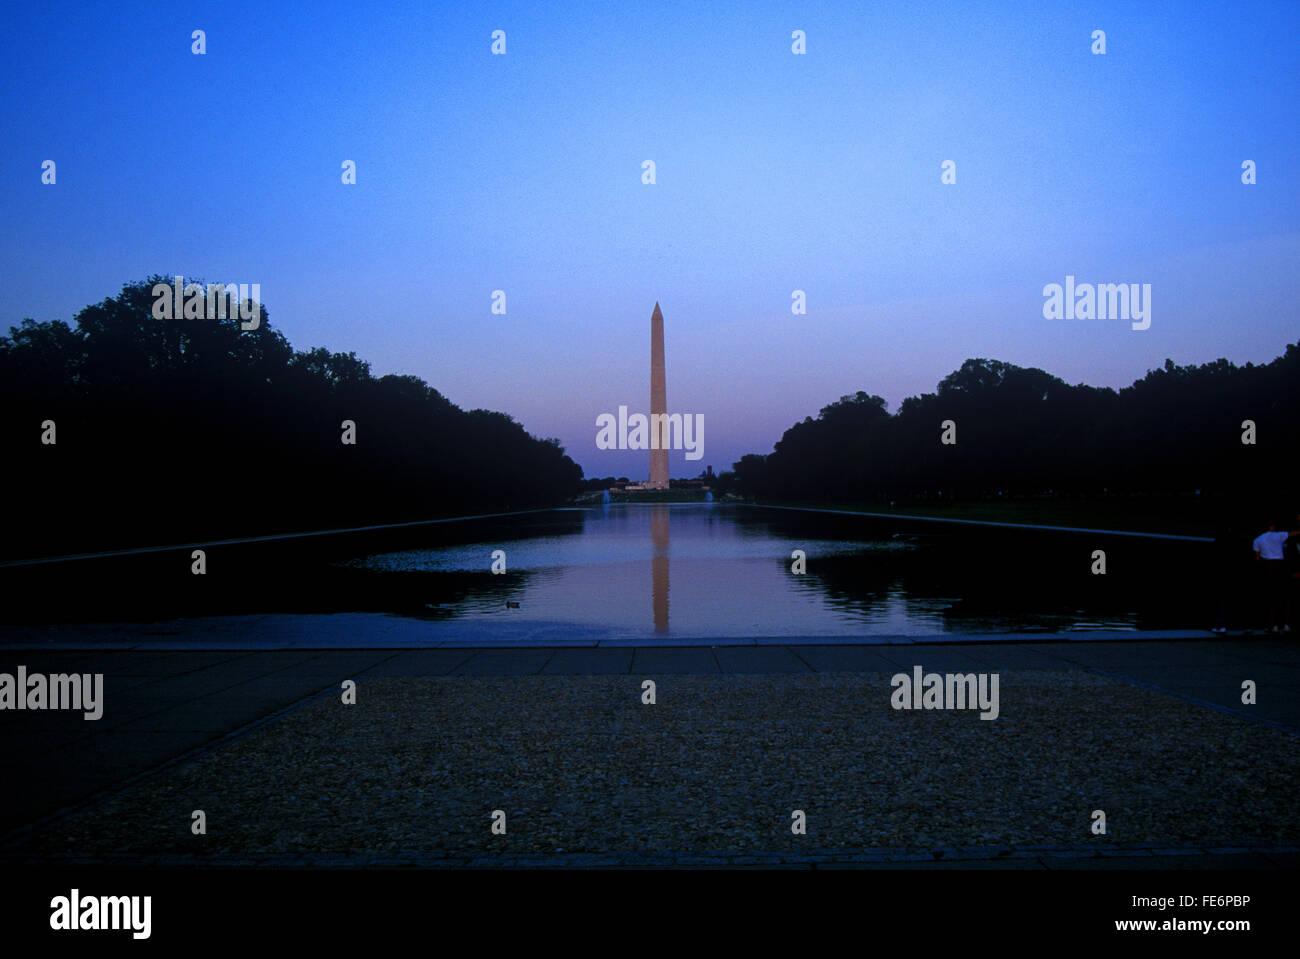 Vista in lontananza il Monumento a Washington contro il cielo chiaro al crepuscolo Immagini Stock